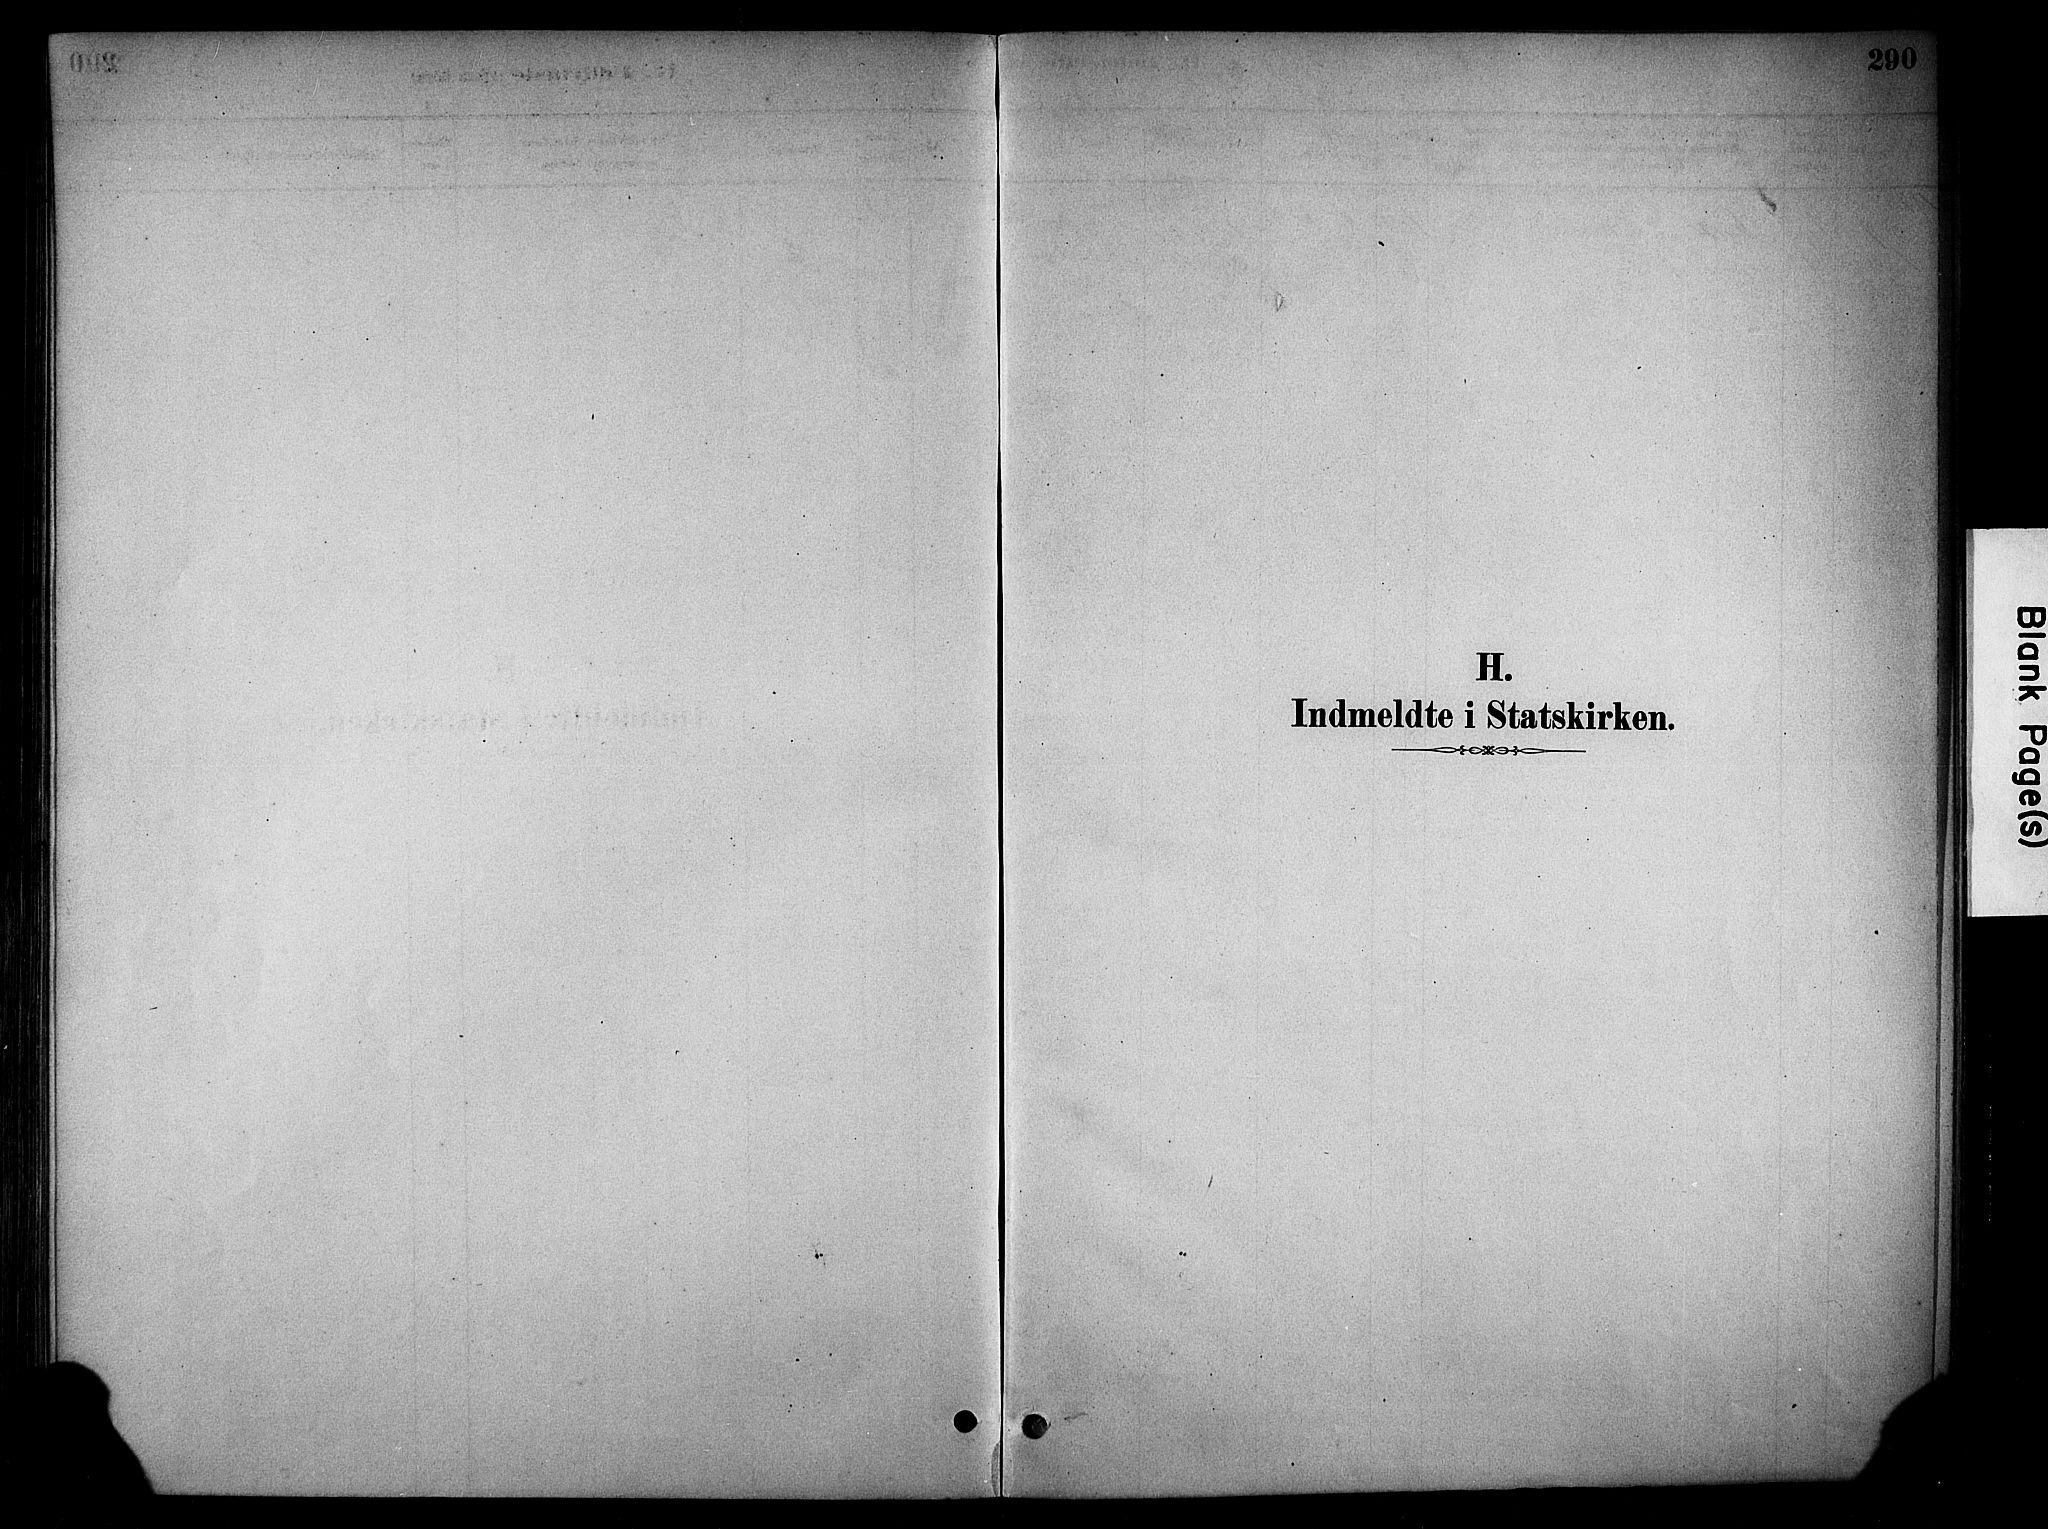 SAH, Stange prestekontor, K/L0018: Parish register (official) no. 18, 1880-1896, p. 290